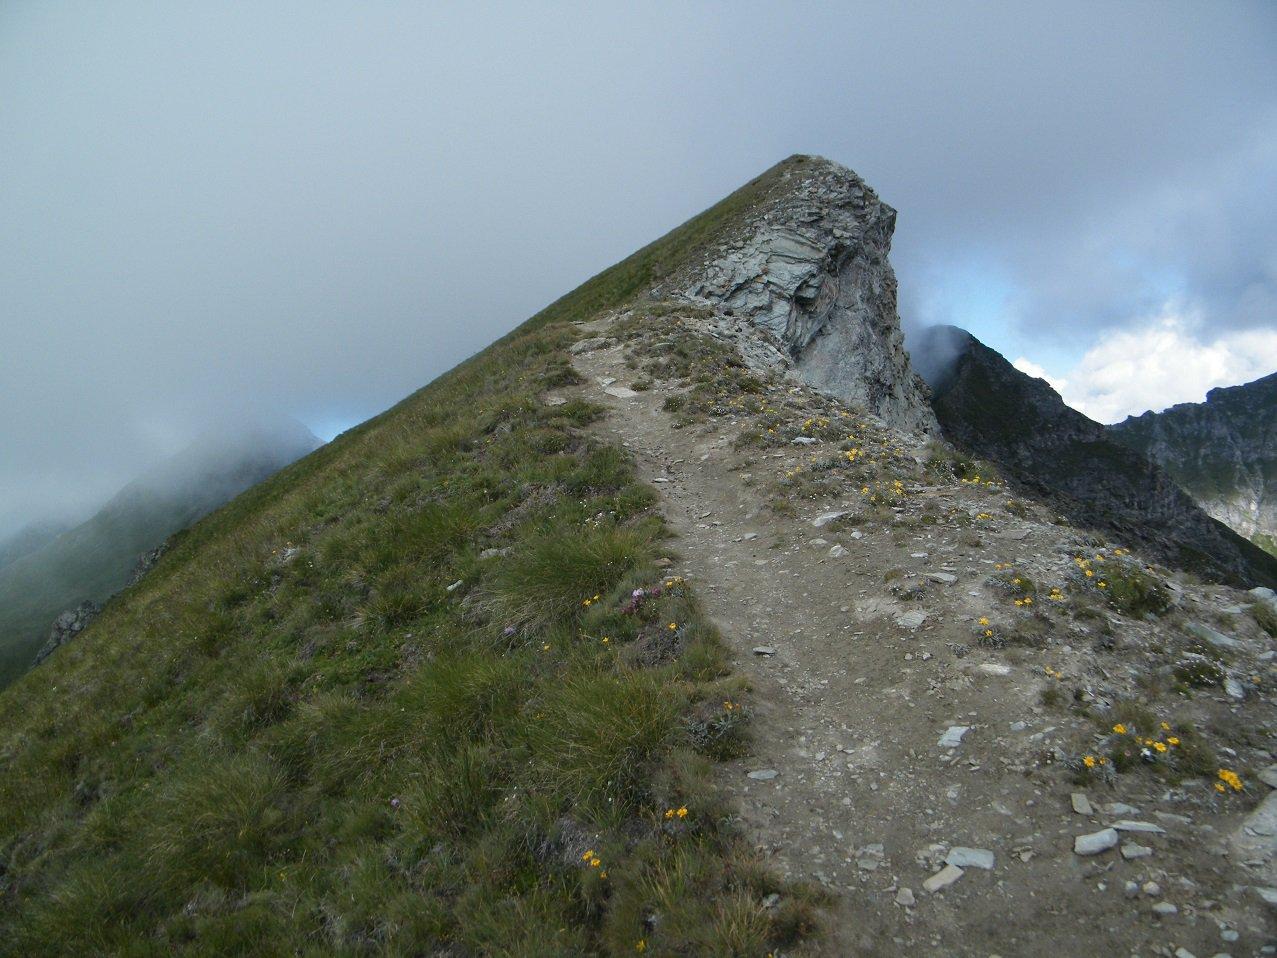 Gli ultimi metri prima della cima.